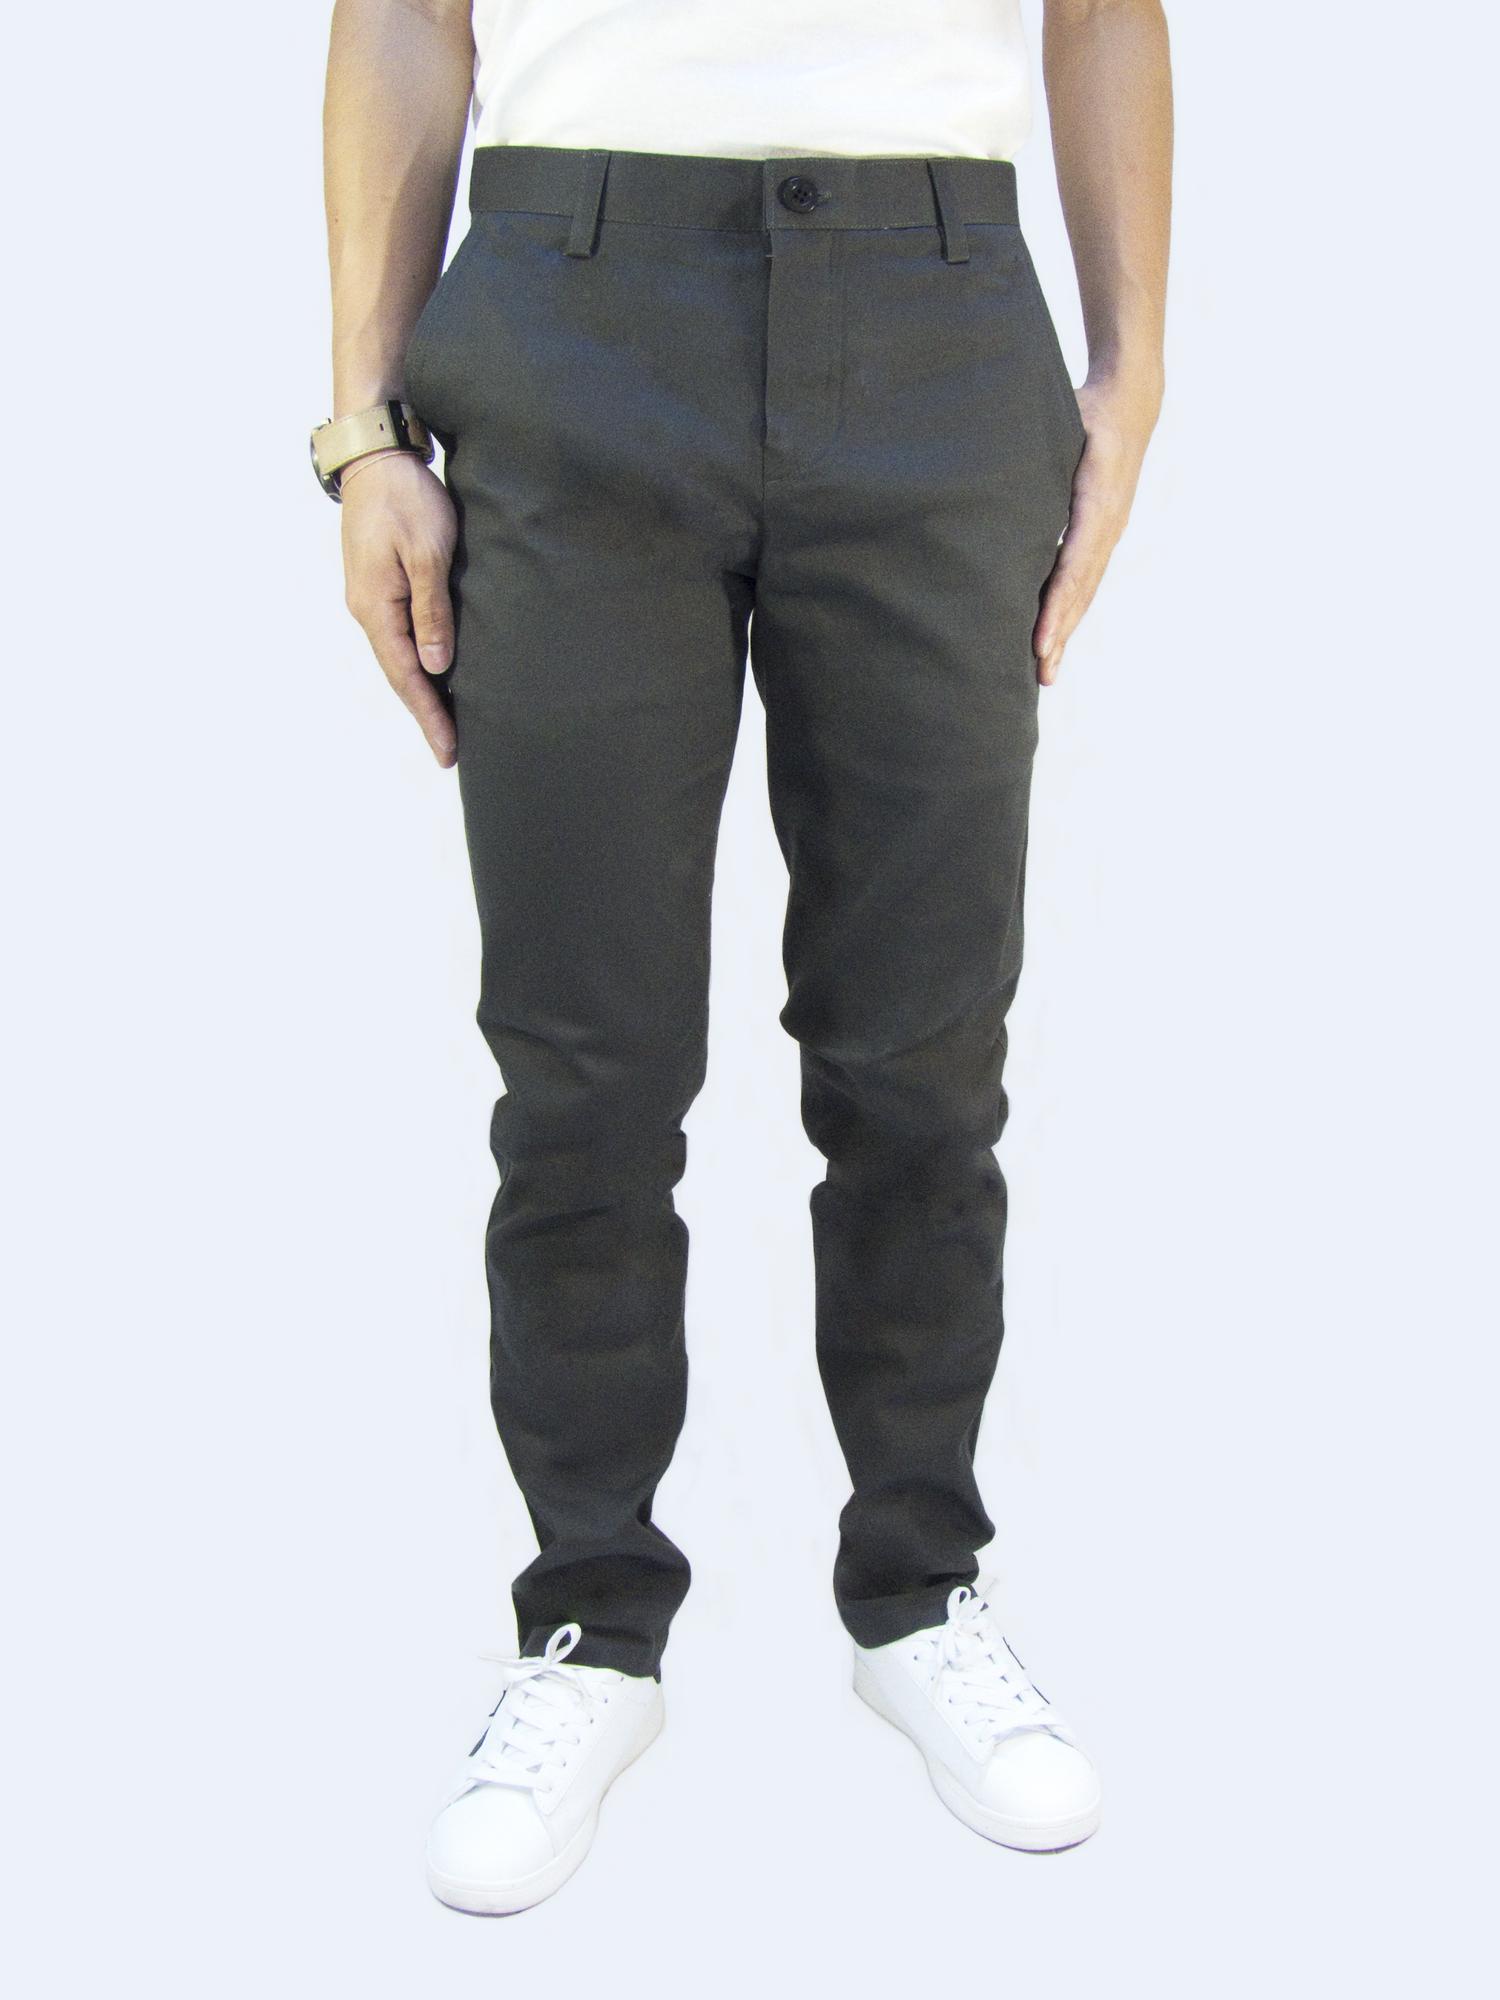 กางเกงขายาว กางเกงชิโน่ ผ้ายืด สีเทาเข้ม